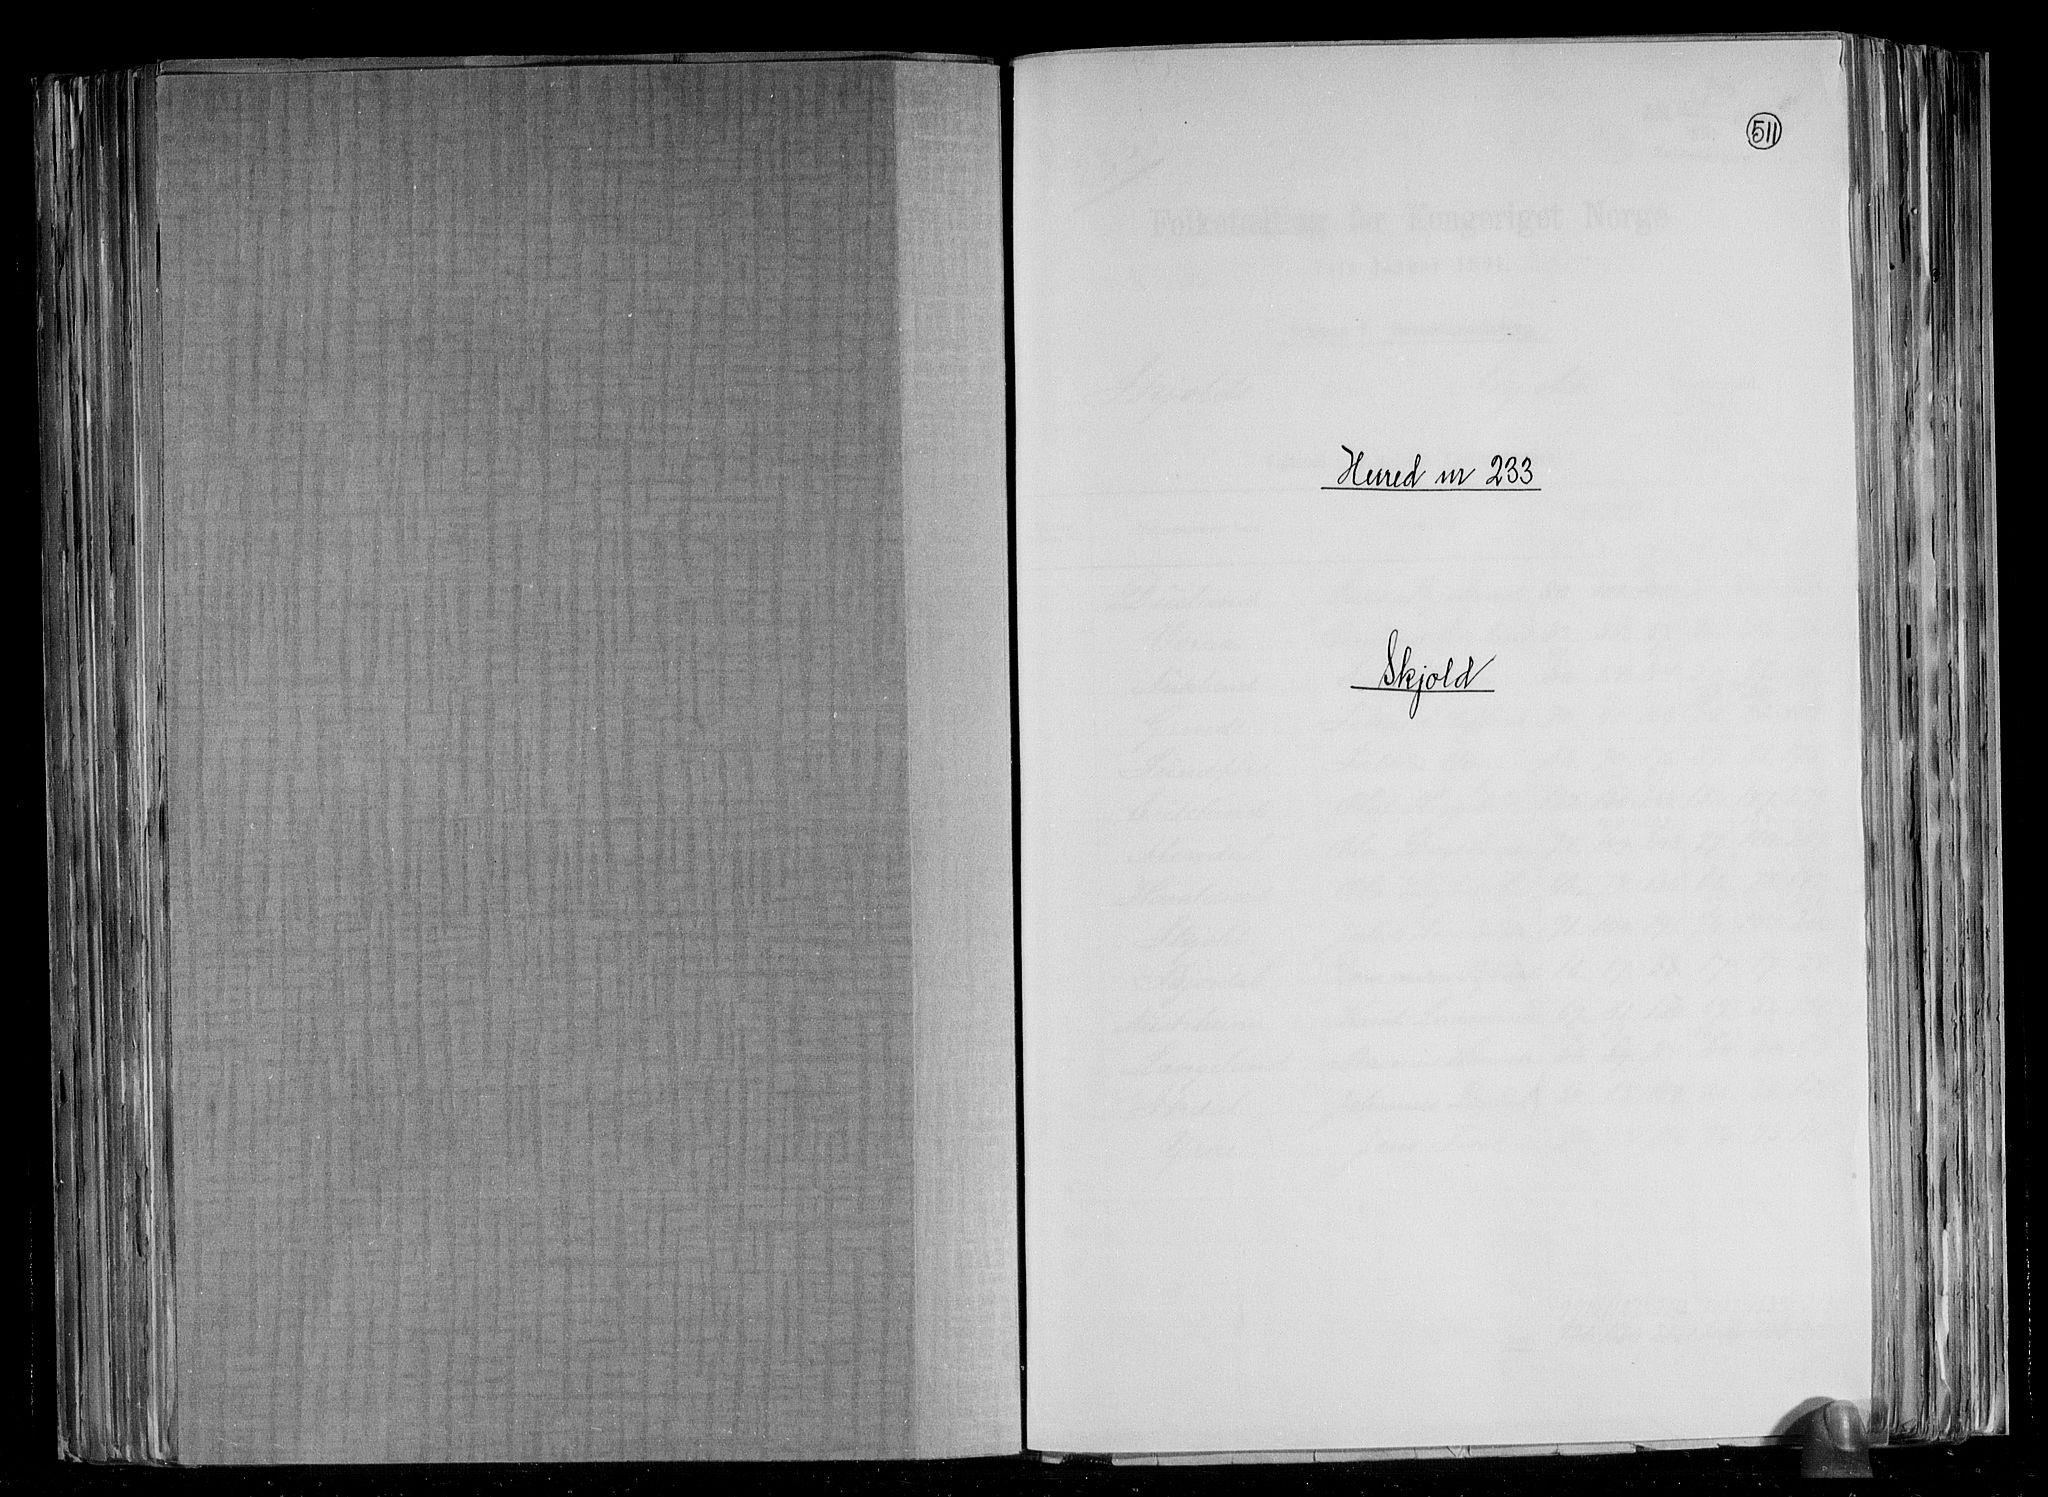 RA, Folketelling 1891 for 1154 Skjold herred, 1891, s. 1